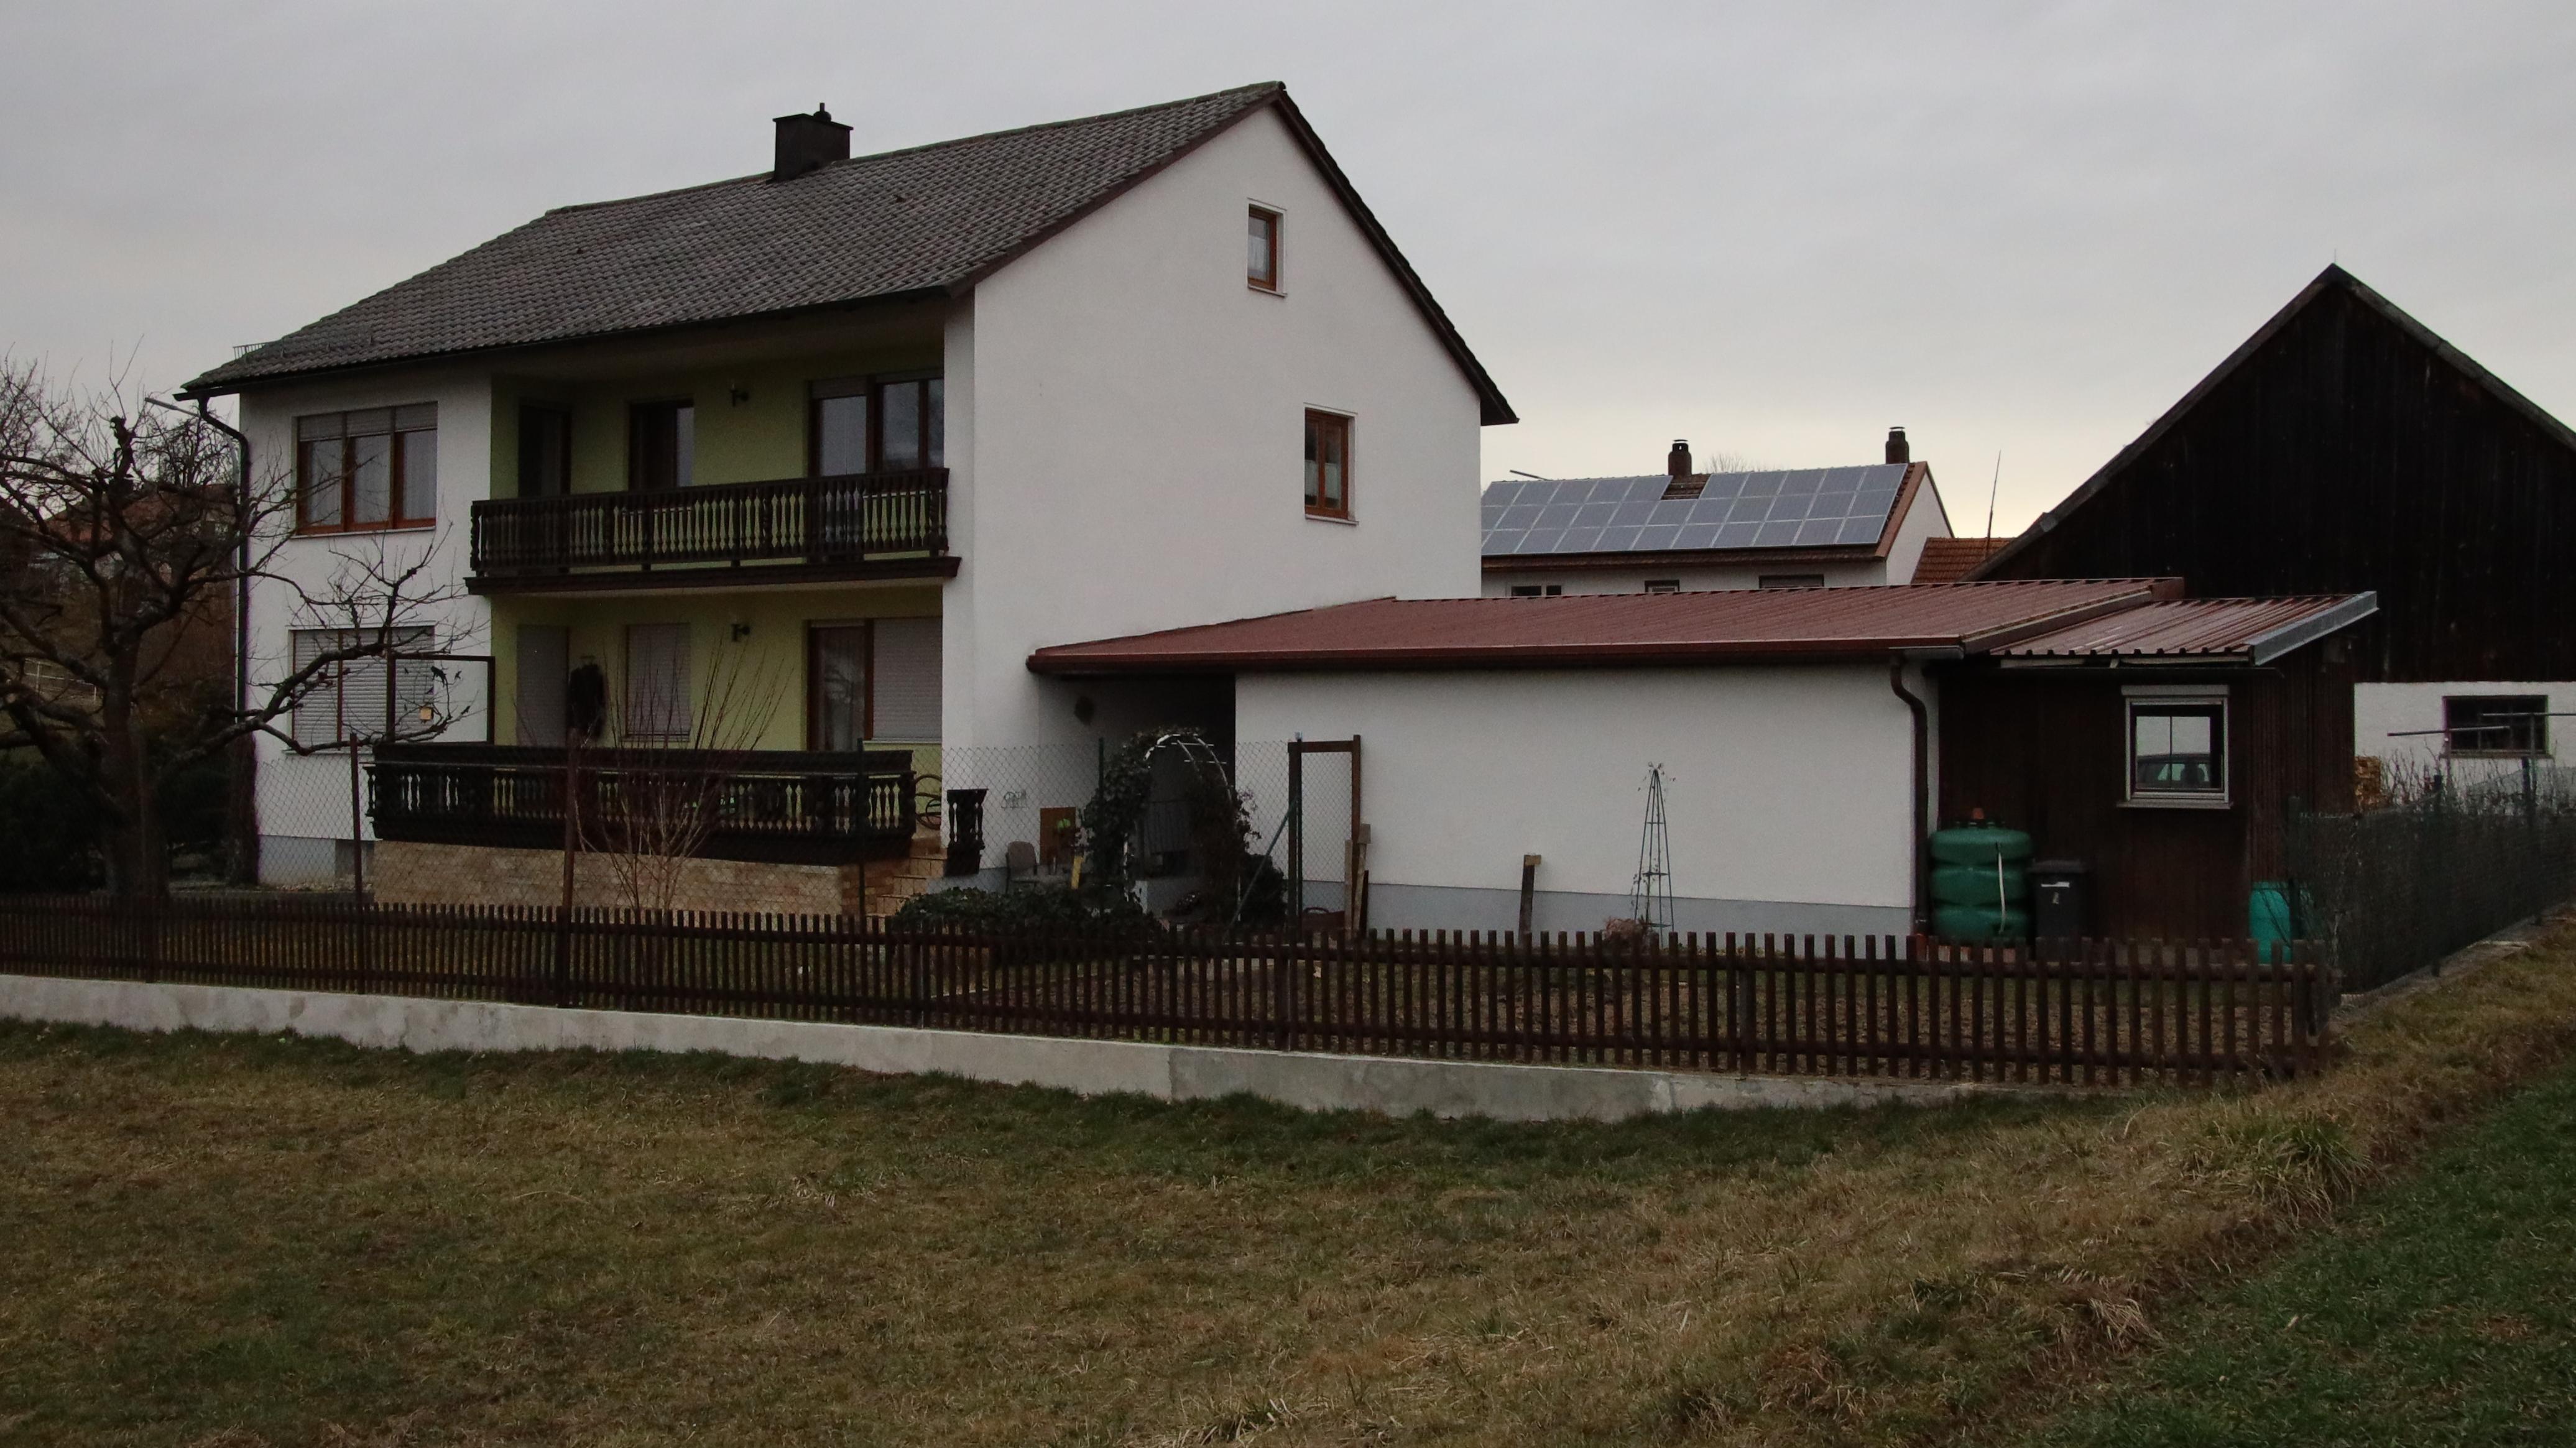 Das Einfamilienhaus am Ortsrand von Ascholtshausen. Hier soll sich die schreckliche Tat zugetragen haben